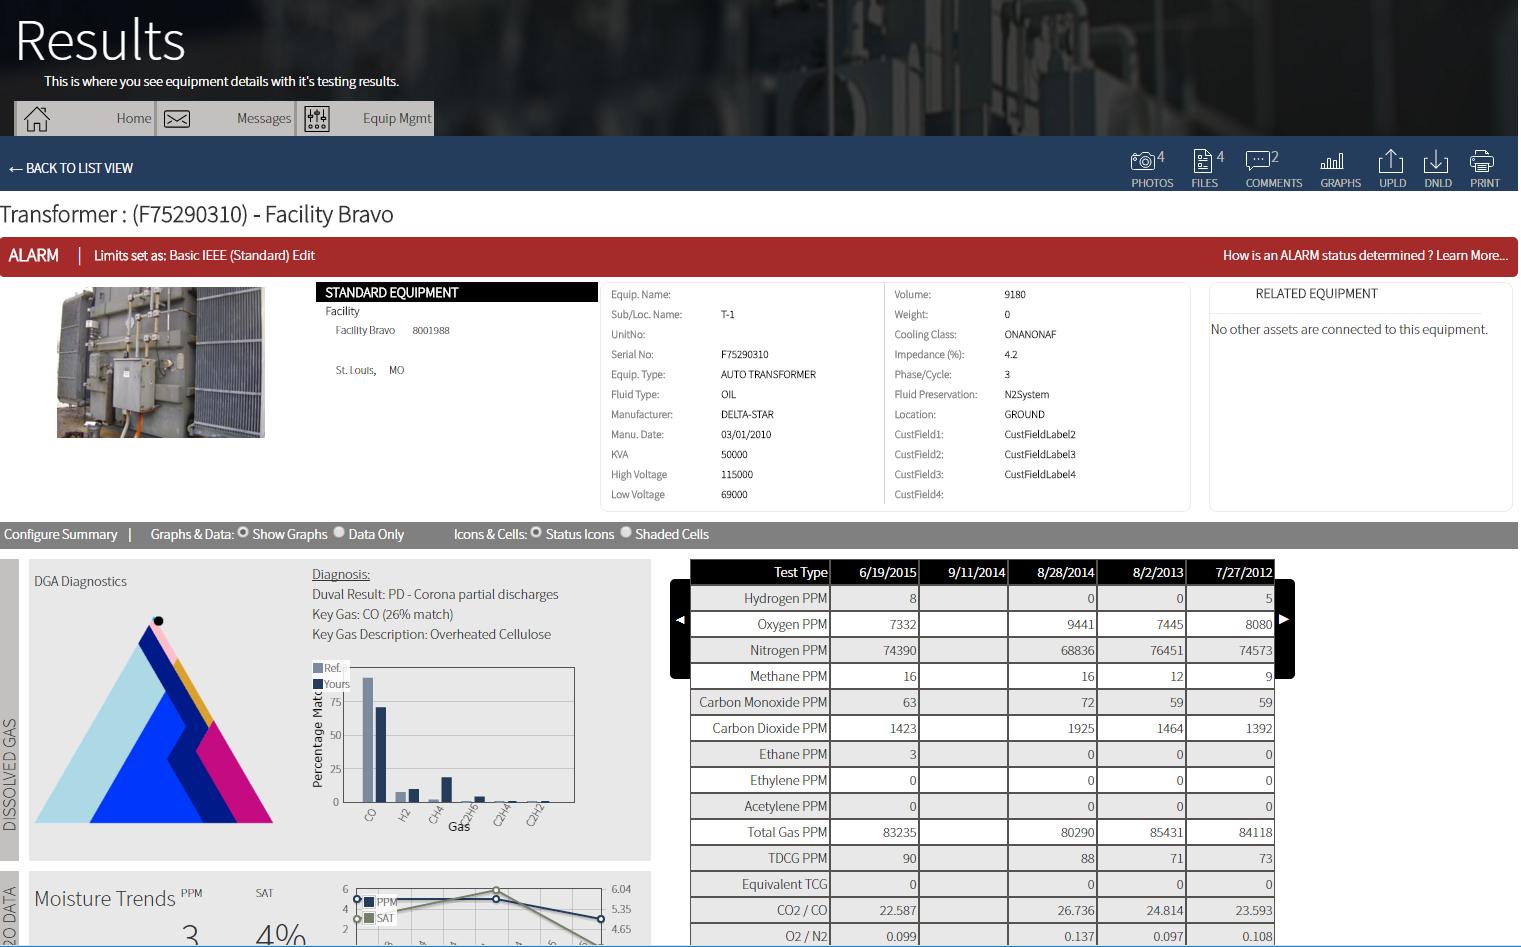 SiteLine Software - Equipment report